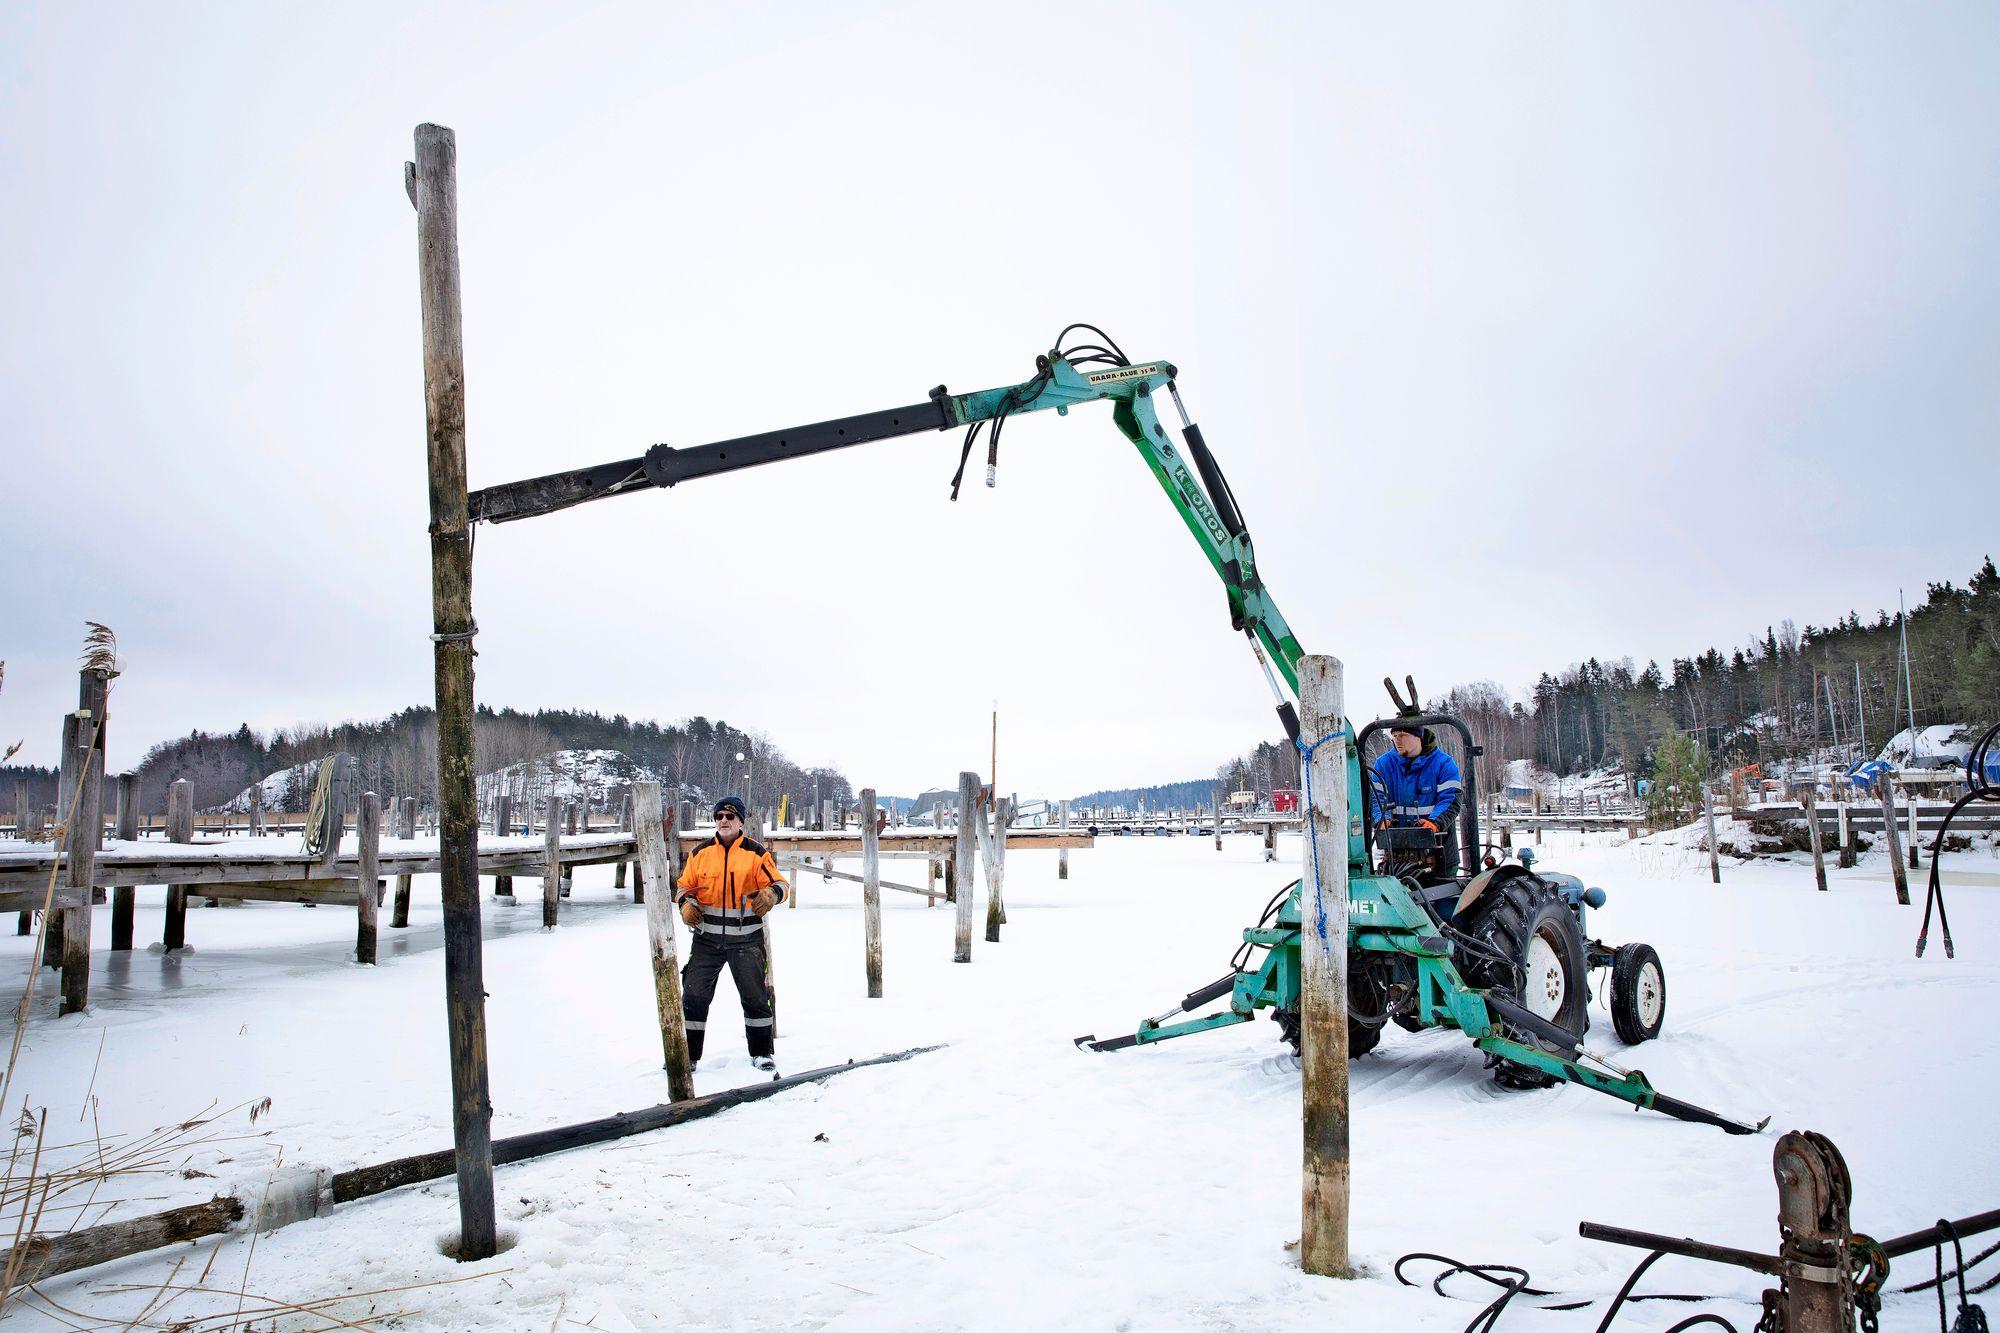 Tapani Johansson ja Janne Nordqvist korjaavat laitureita Paraisilla. Koronapandemia ei ole haitannut venesataman toimintaa, vaan yhä useammat ovat innostuneet veneilystä ja hankkivat venepaikkoja. Myöskään vuoden 2008 taantuma ei haitannut, sillä ihmiset eivät saaneet myytyä veneitään pois vaan tarvitsivat venepaikkansa. Sen sijaan 1990-luvun lama oli satamalle erittäin vaikea aika, ja yritys alkoi pärjätä vasta 2000-luvun puolella.